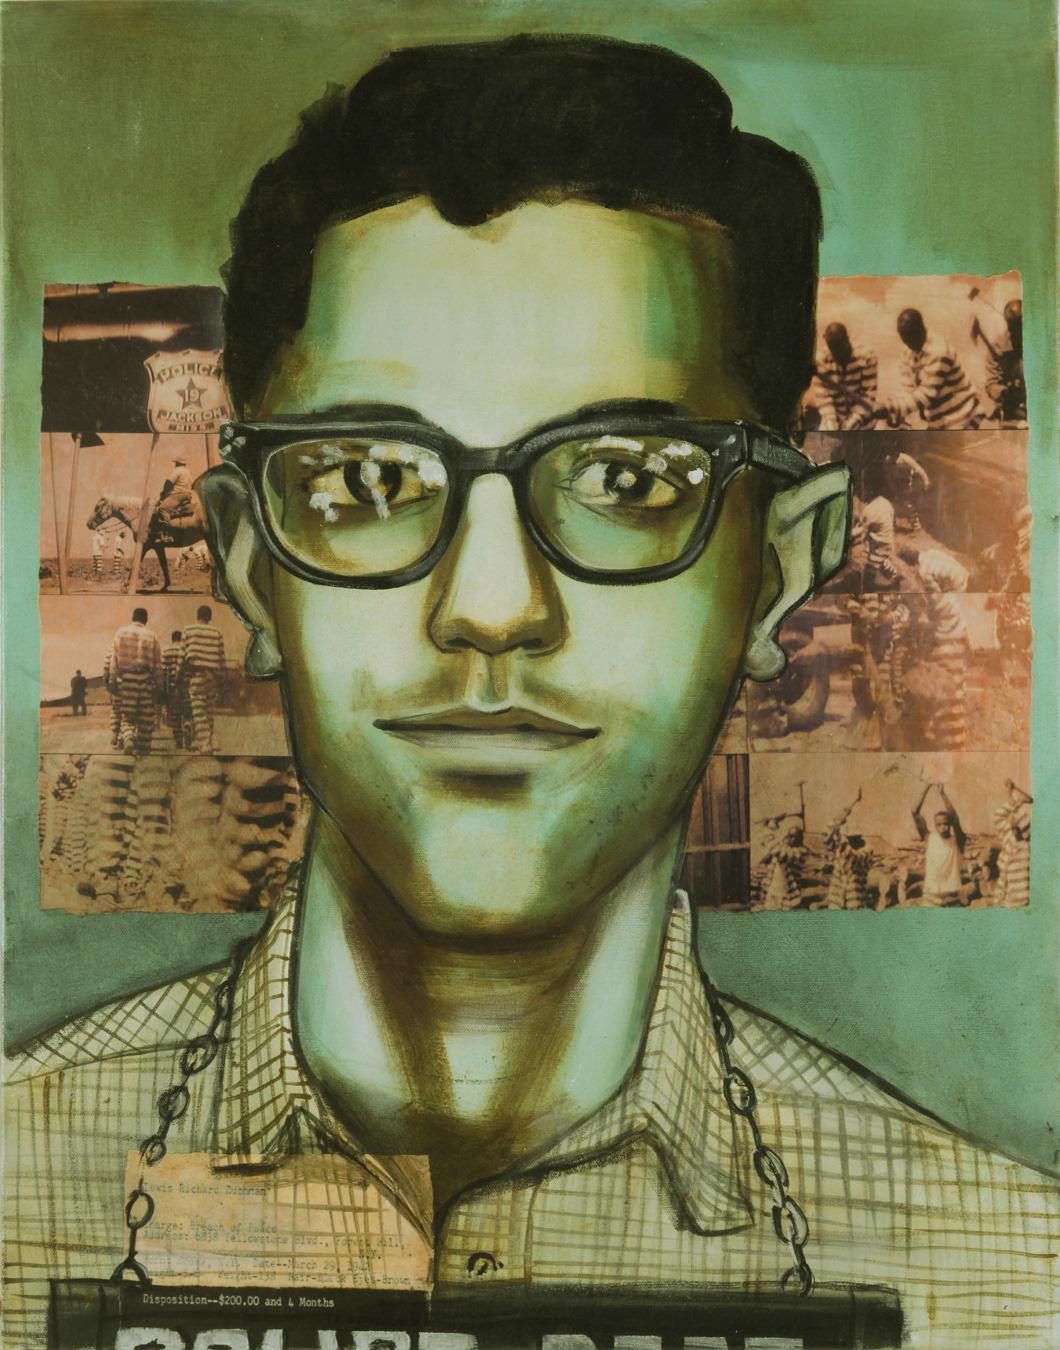 Arrested July 16, 1961 in Jackson, MS: Lewis Zuchman, 19